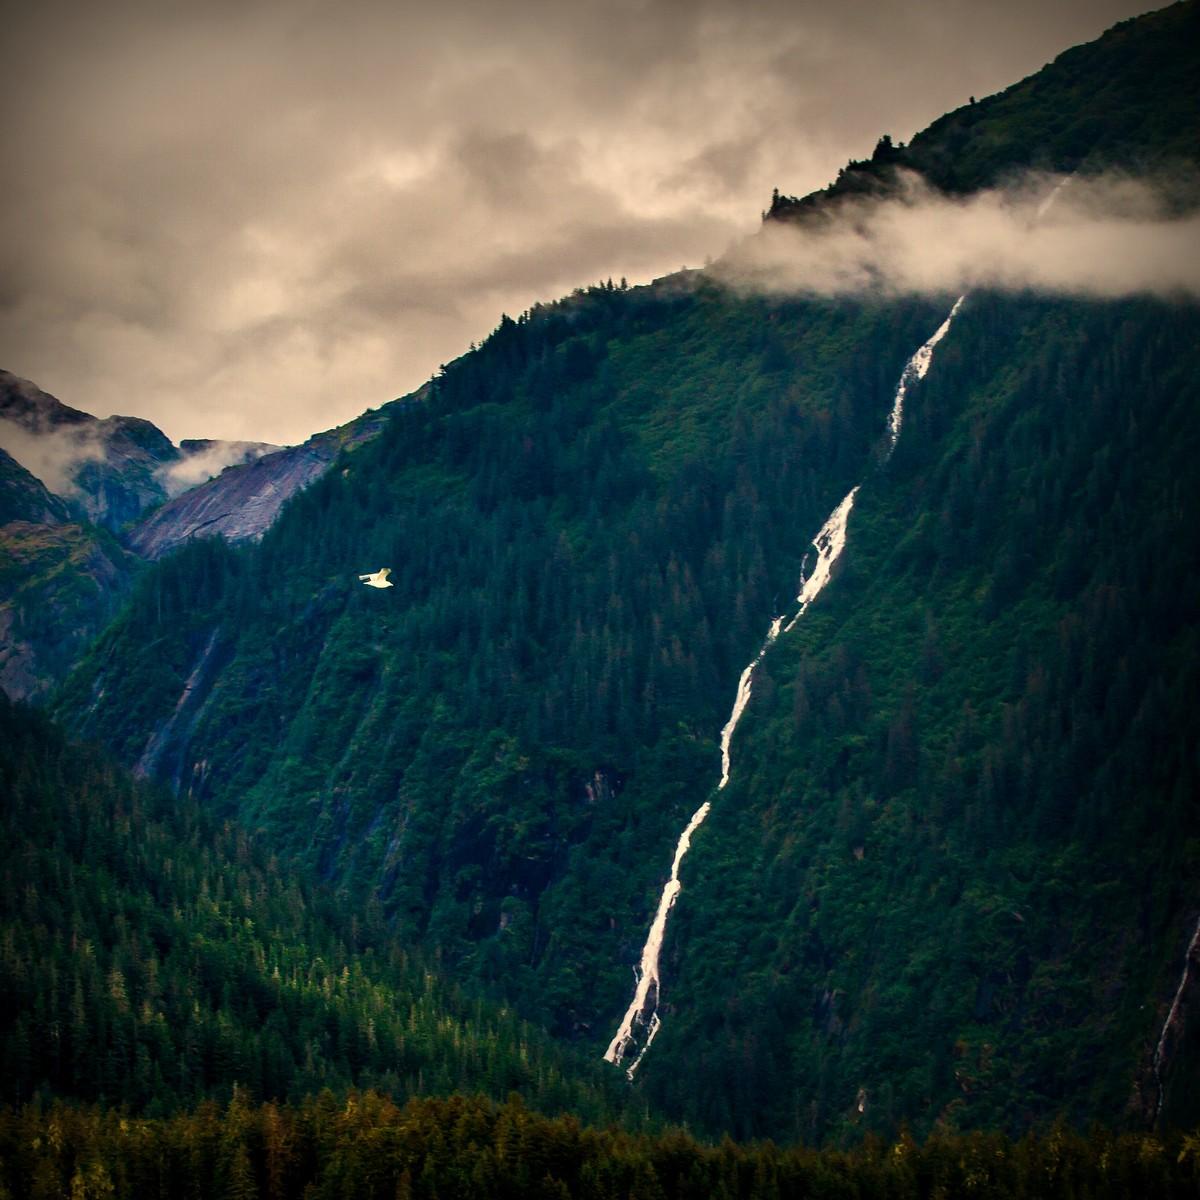 阿拉斯加,大山間的紐帶_圖1-6